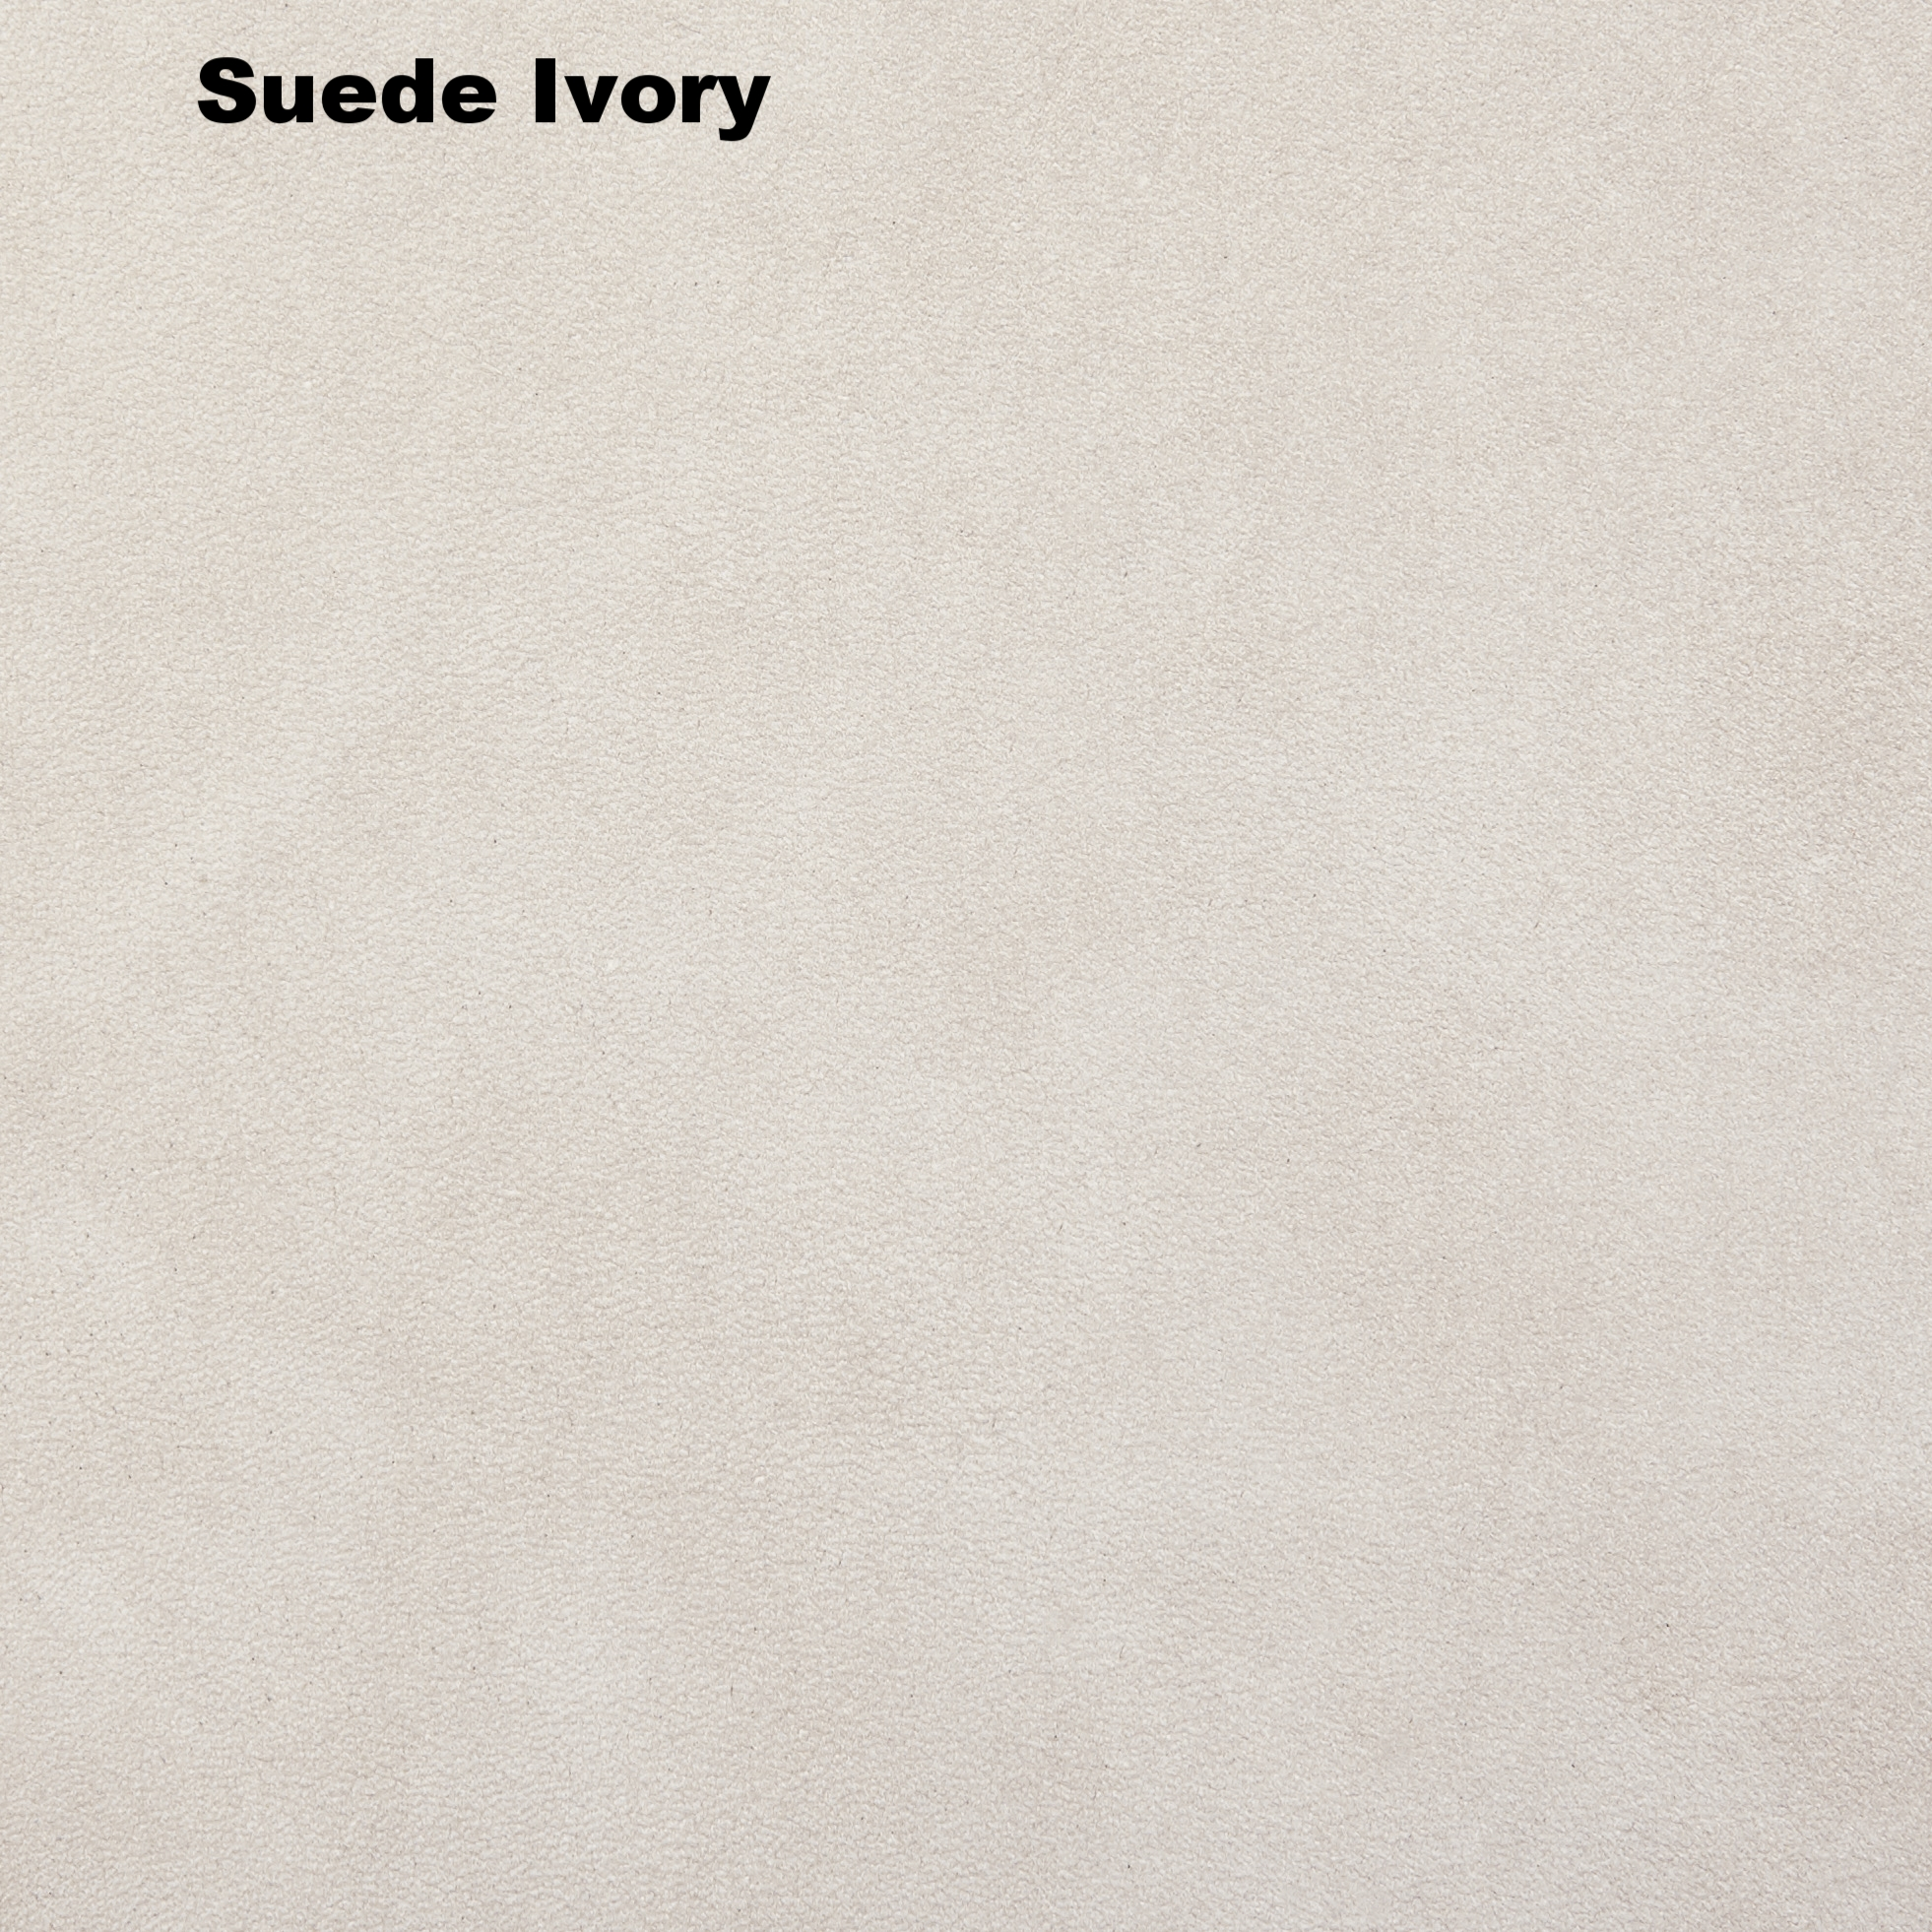 01_suede_ivory.jpg